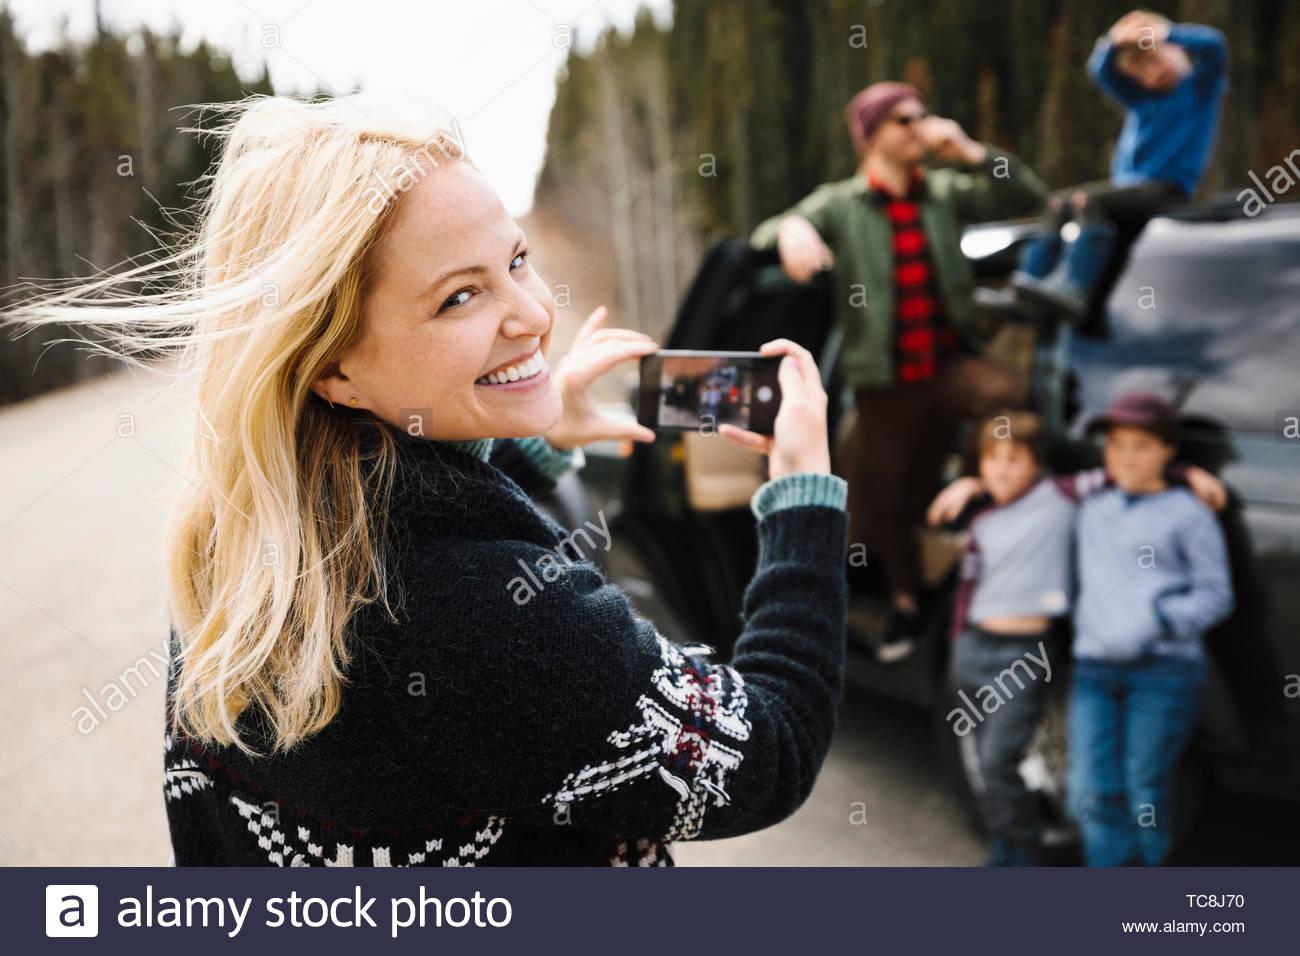 Portrait glückliche Mutter mit Kamera Handy fotografieren Familie am Straßenrand Stockbild